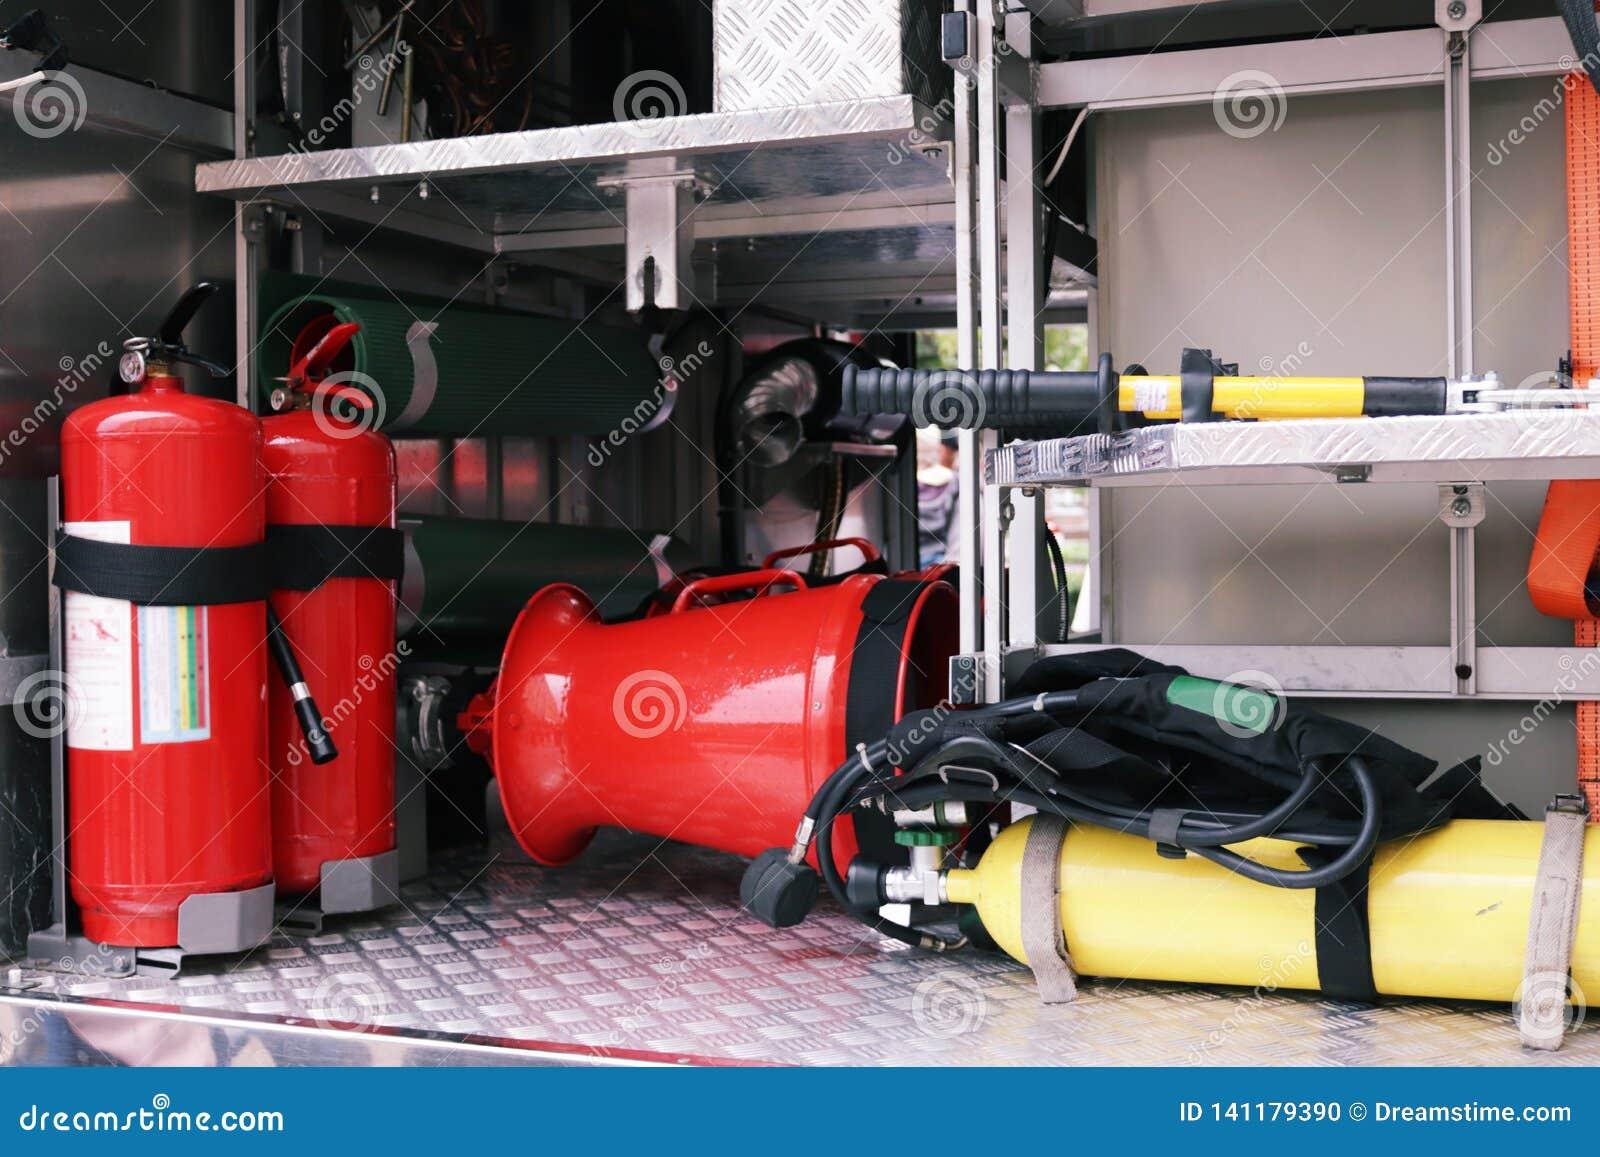 Detalles y estructura del coche de bomberos